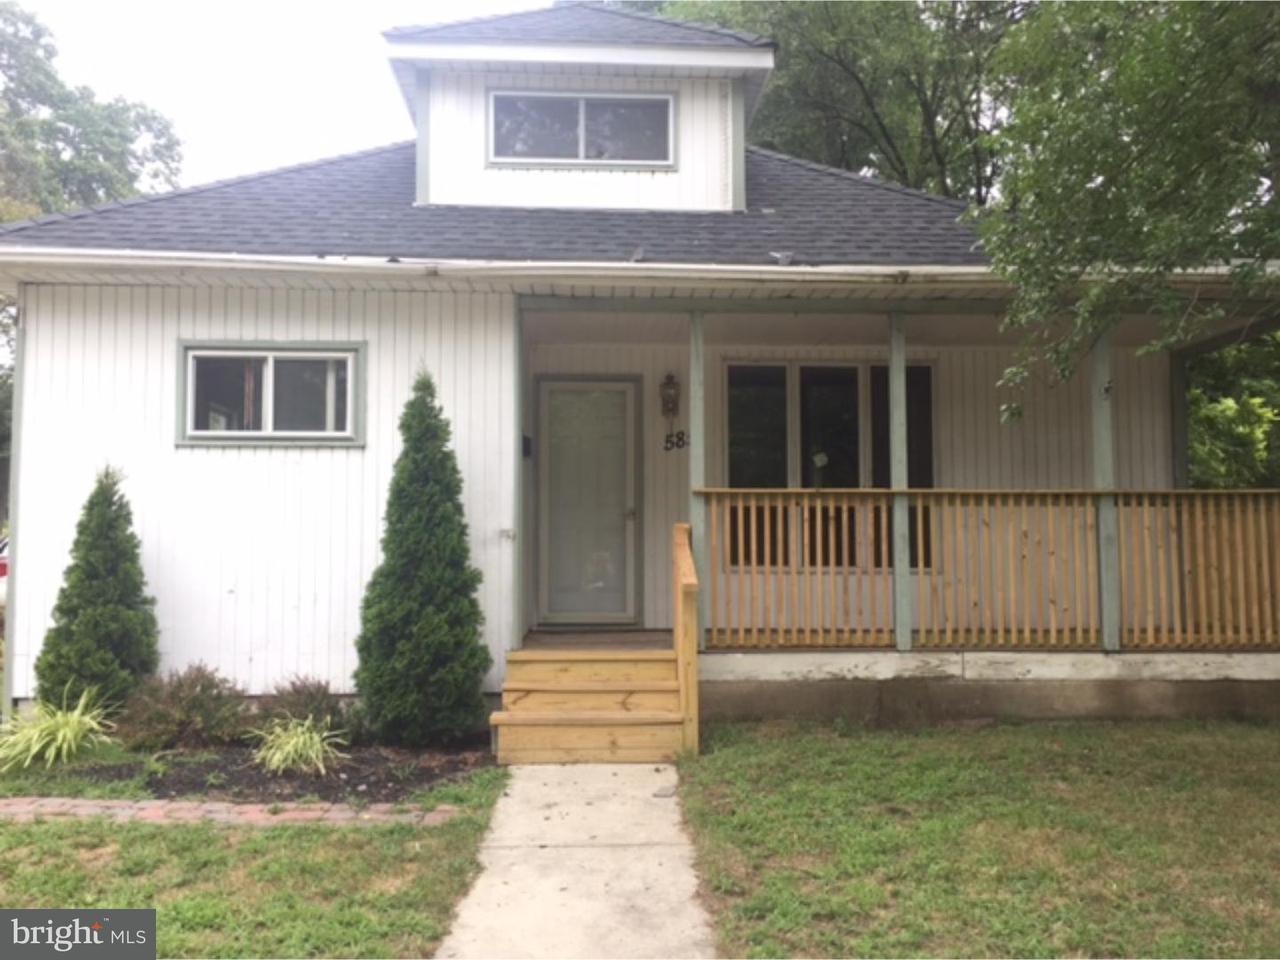 Casa Unifamiliar por un Alquiler en 585 BERLIN Road Clementon, Nueva Jersey 08021 Estados Unidos